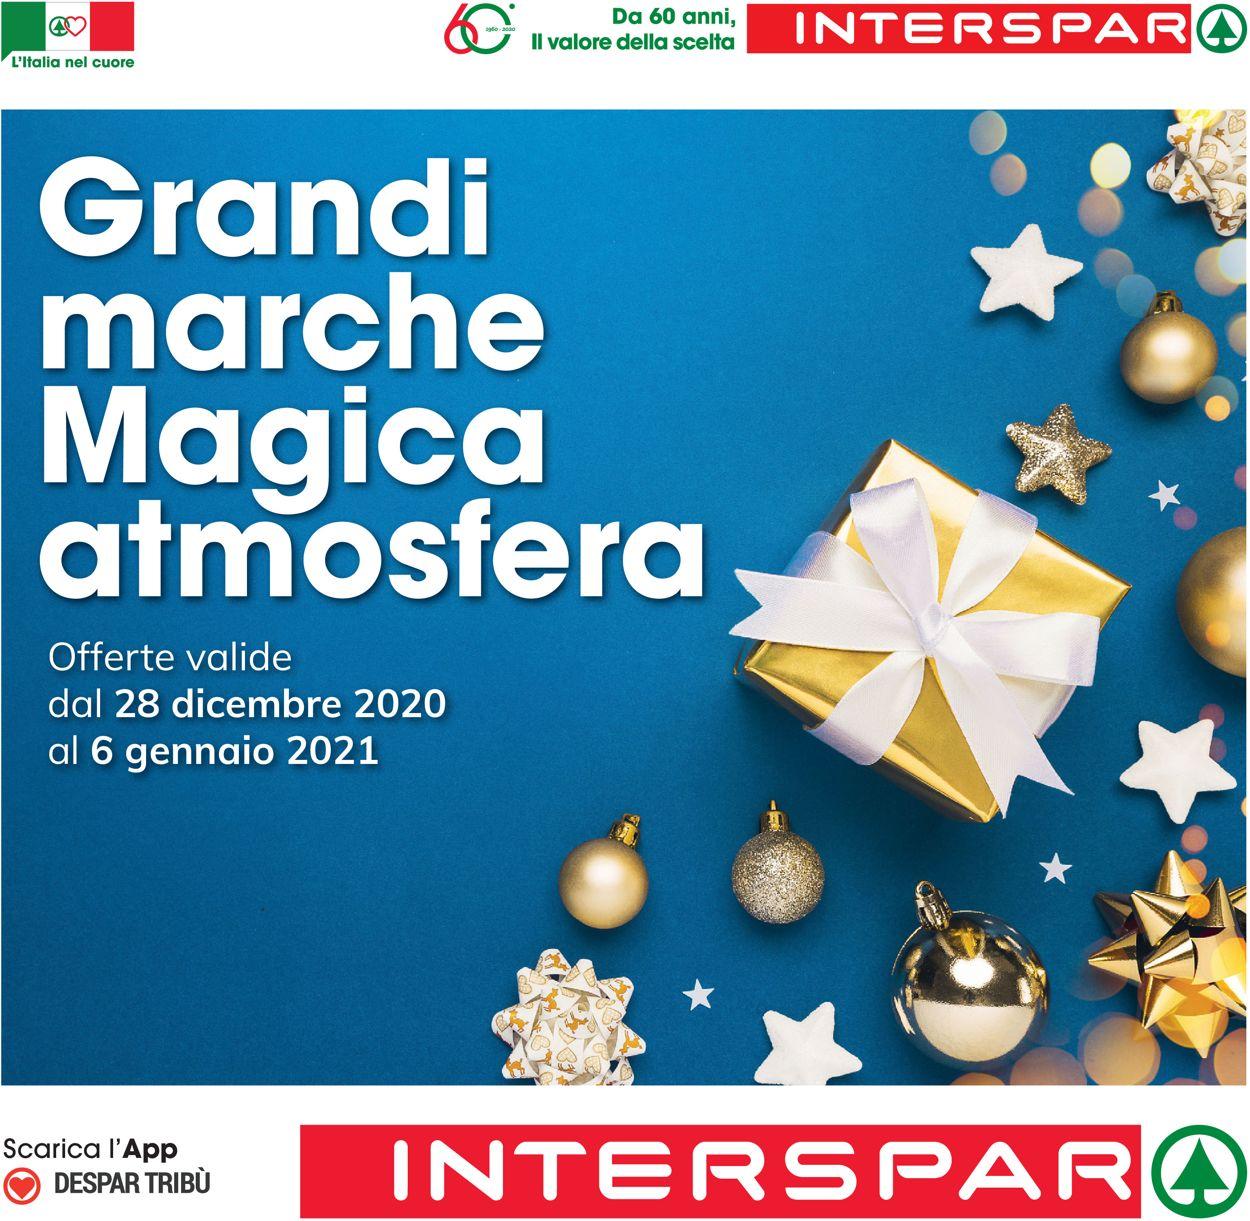 Volantino Interspar - Natale 2020 - Offerte 28/12-06/01/2021